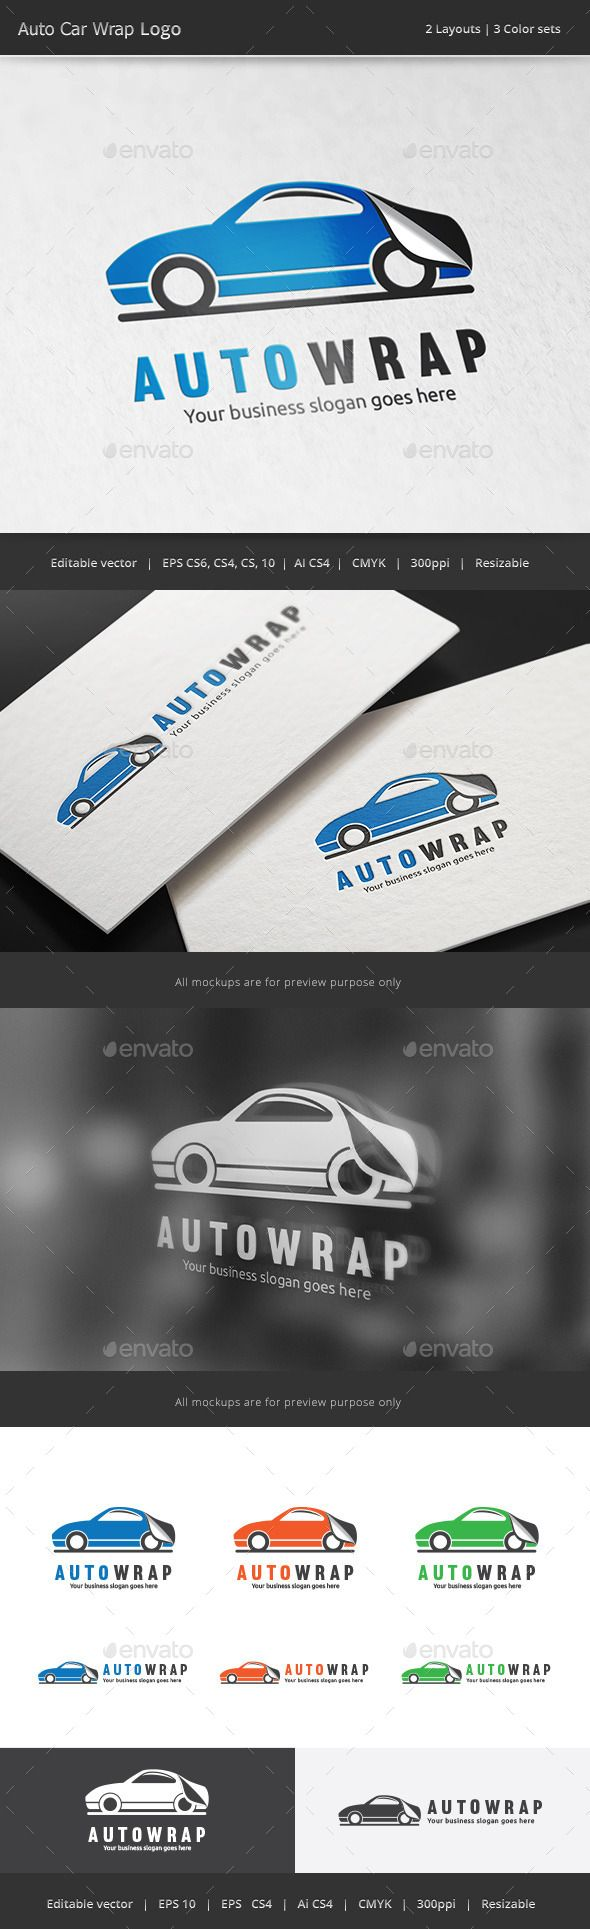 Car sticker wrap logo logo template designeps